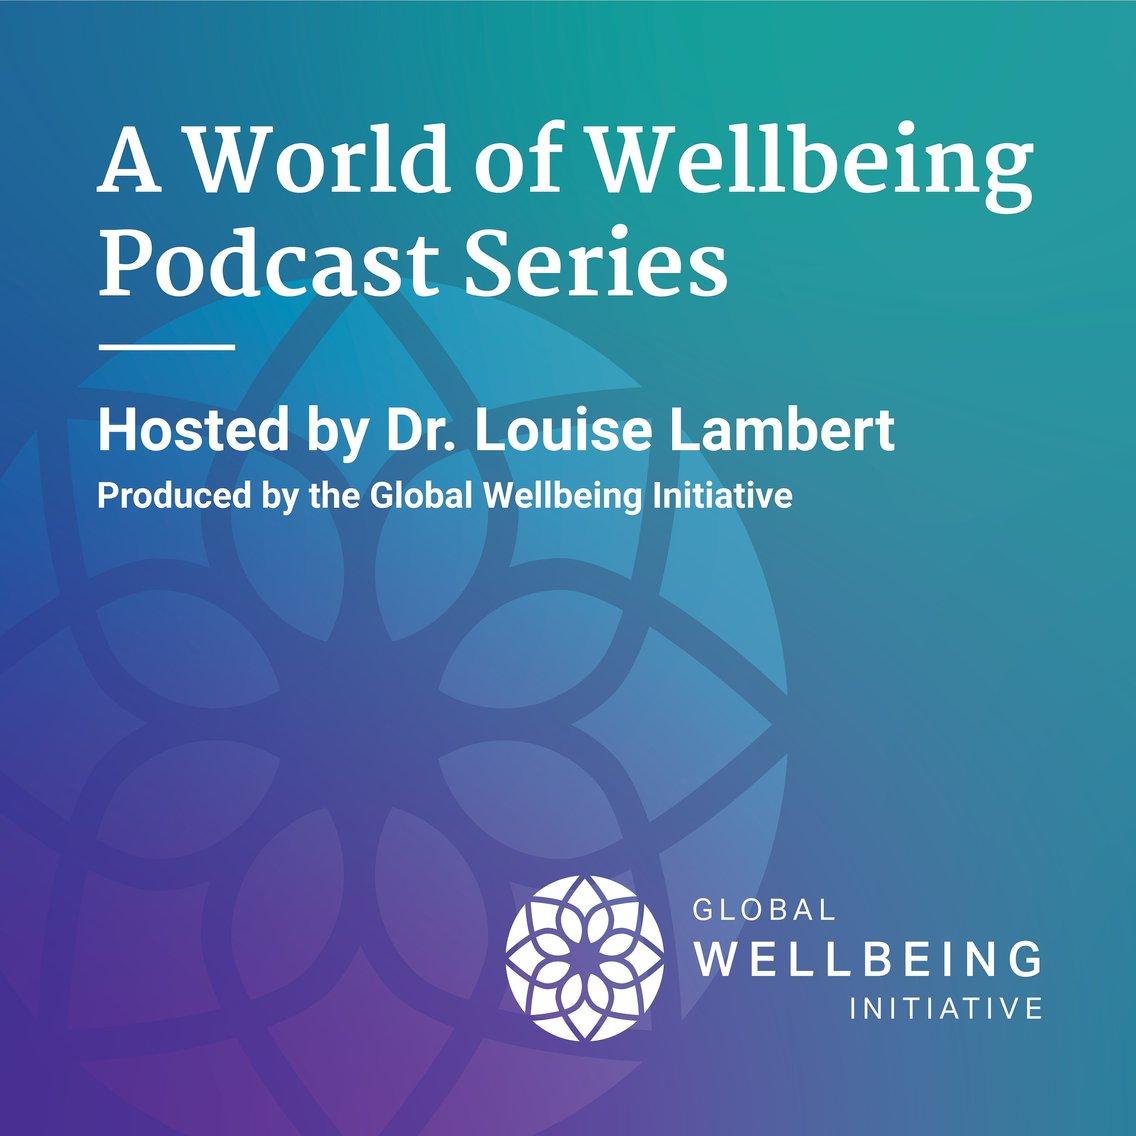 A World of Wellbeing Podcast - imagen de portada